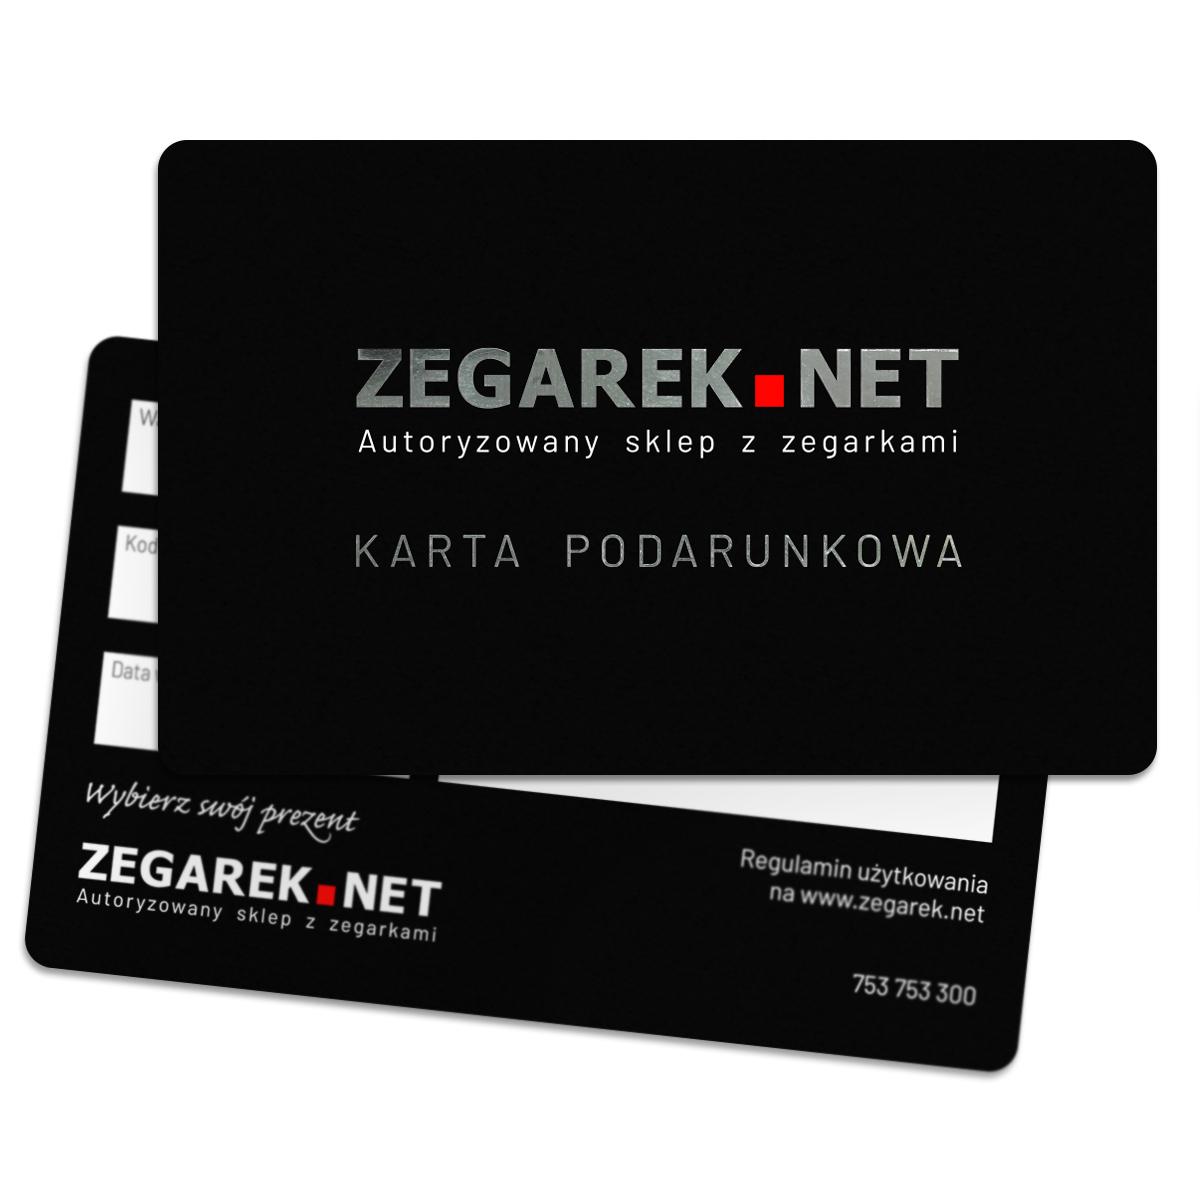 ZEGAREK.NET Karta podarunkowa 500 zł - karta podarunkowa